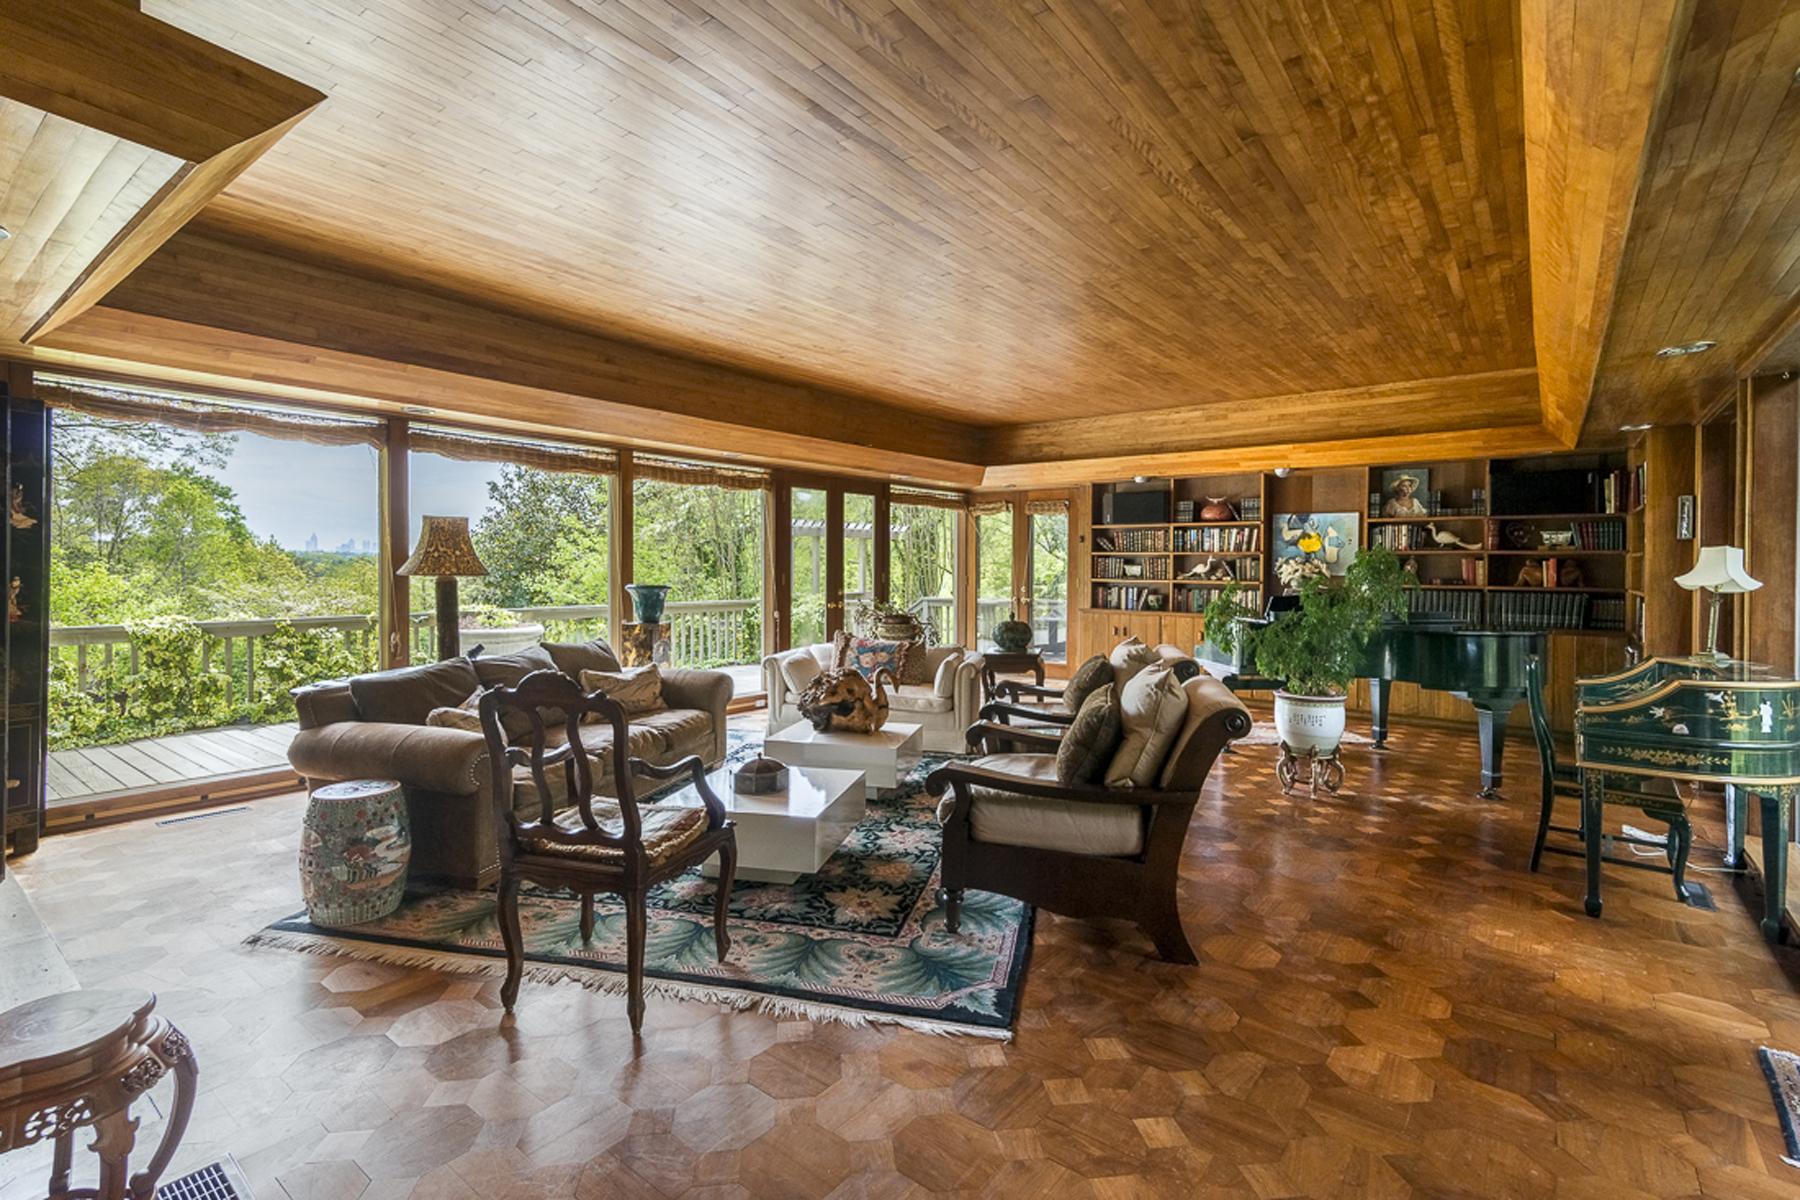 Частный односемейный дом для того Продажа на Wonderful One Level Living On 2.6 Acres 3980 Randall Mill Road NW Buckhead, Atlanta, Джорджия, 30327 Соединенные Штаты